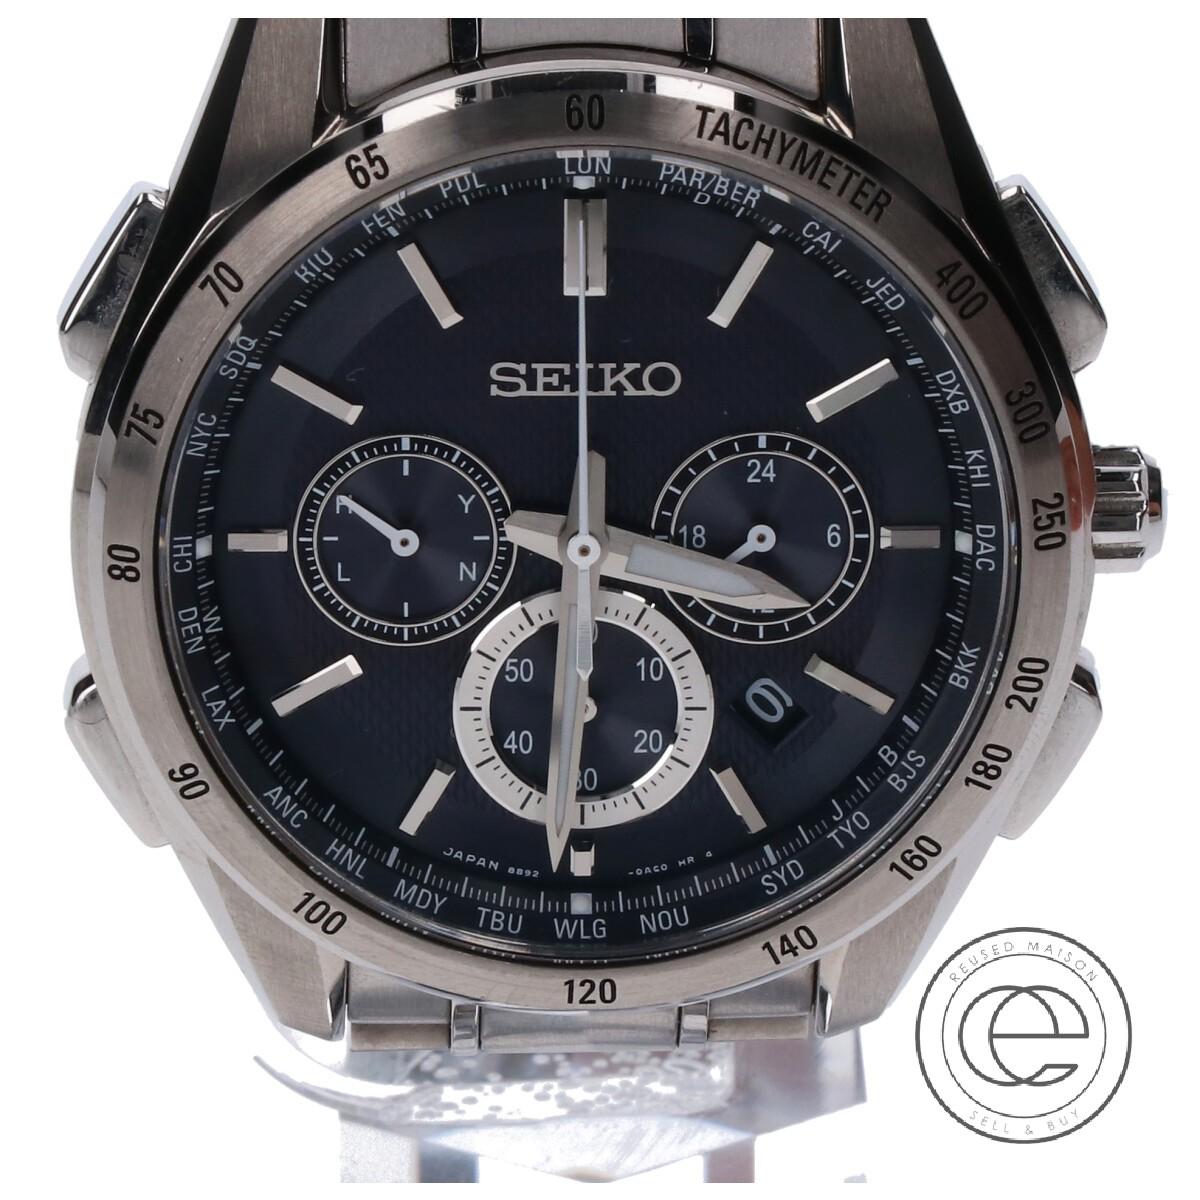 商店 SEIKO セイコー SAGA193 8B92-0AB0 BRIGHTZブライツ フライトエクスパート ソーラー電波 クロノグラフ 期間限定で特別価格 シルバー 中古 メンズ 腕時計